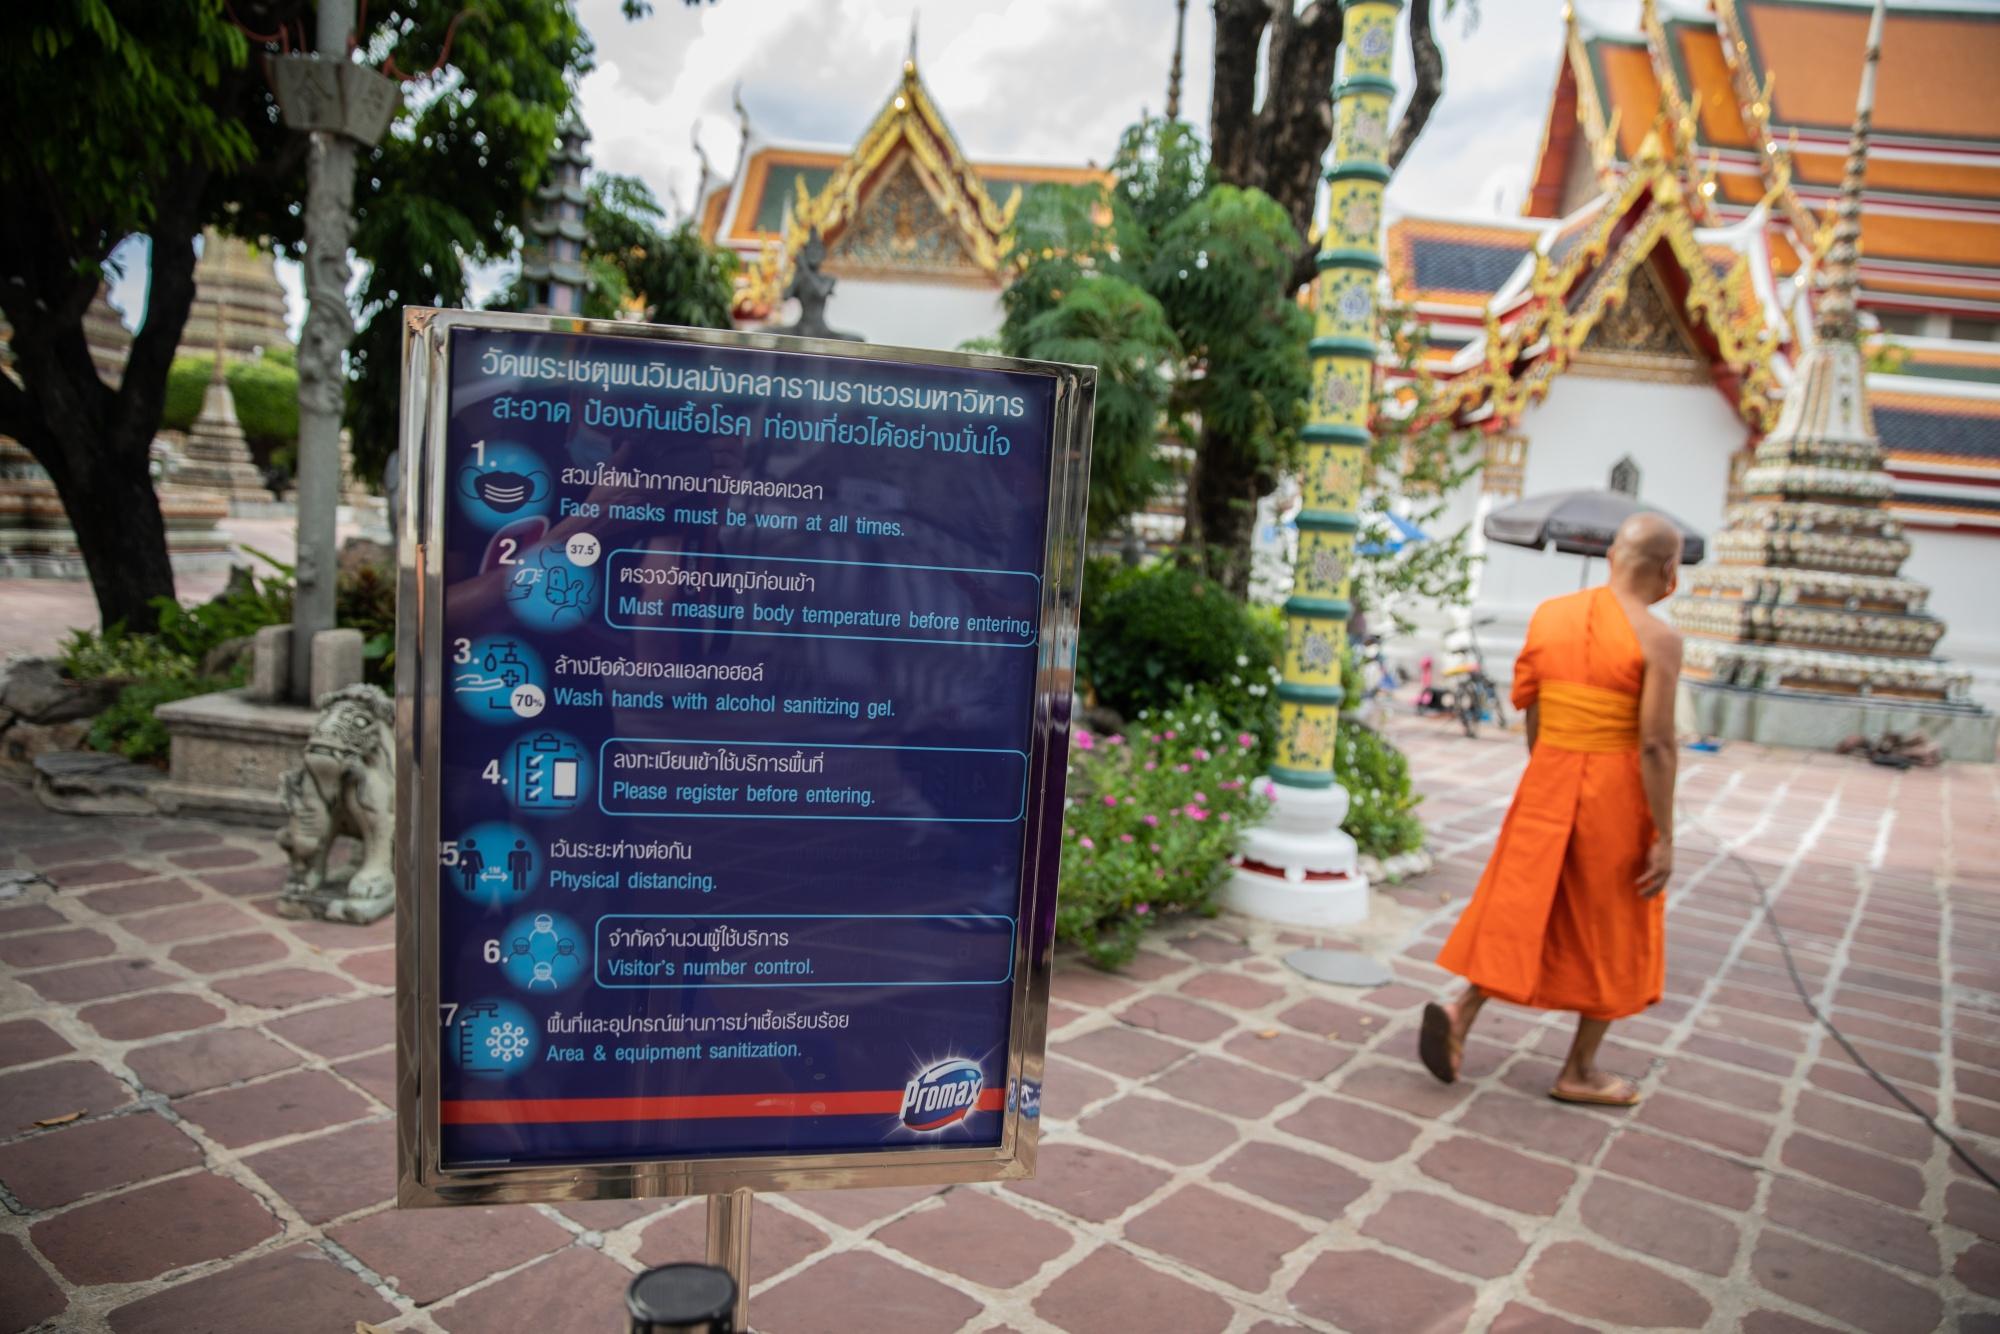 泰国新冠疫情紧急状态延长至10月底